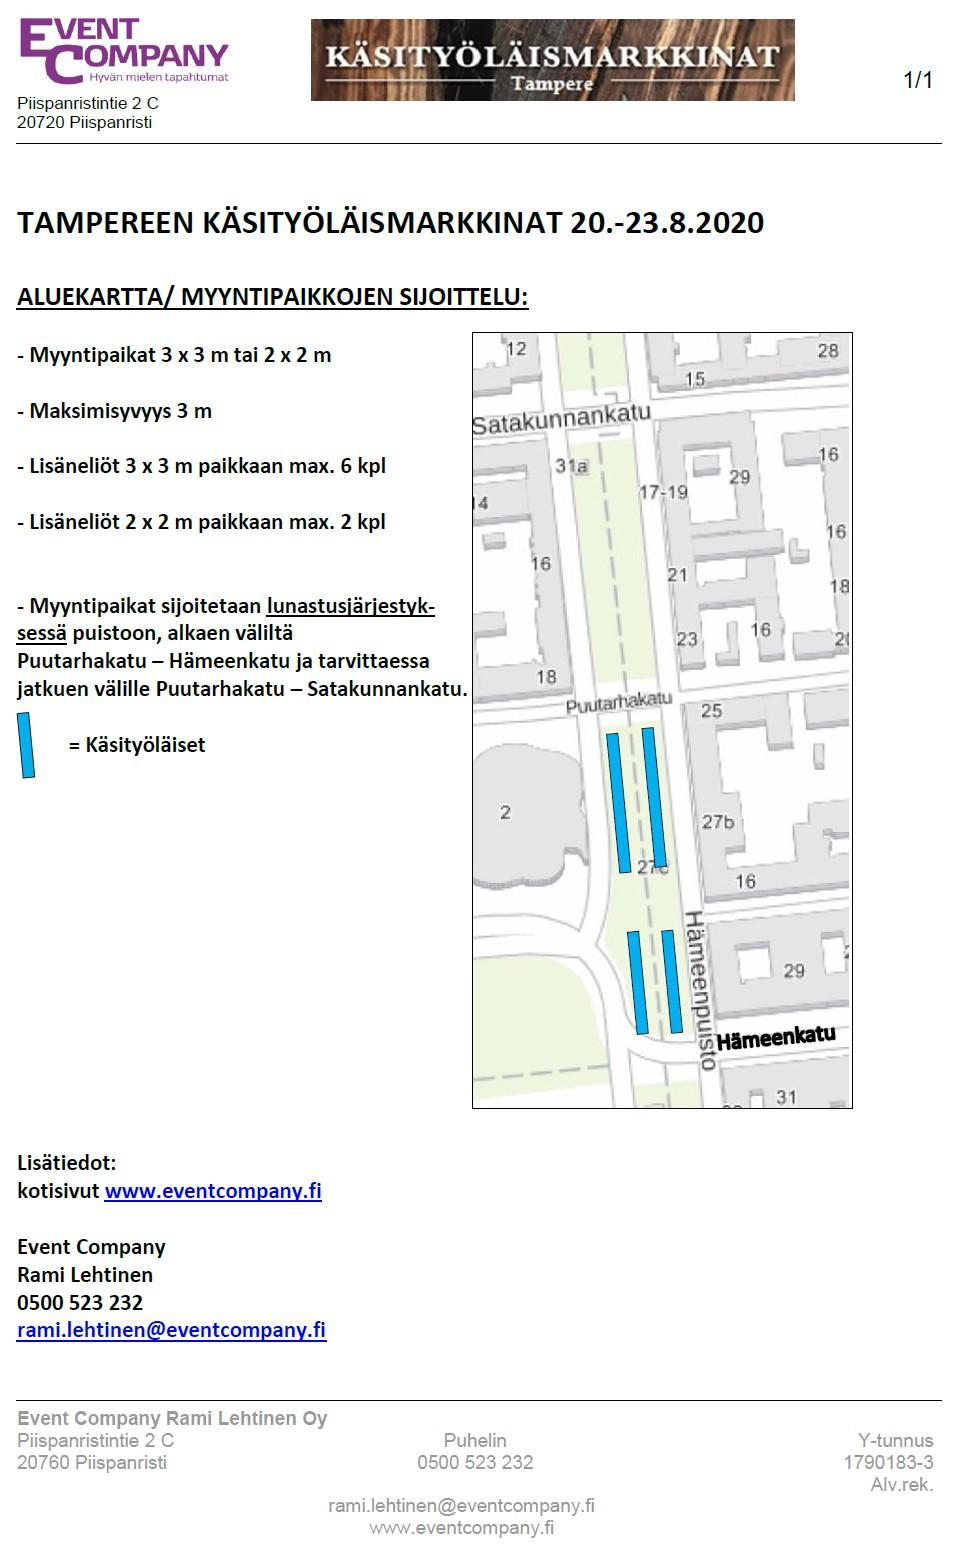 Kartta tapahtumaan Tampereen Käsityöläismarkkinat 20.-23.8.2020